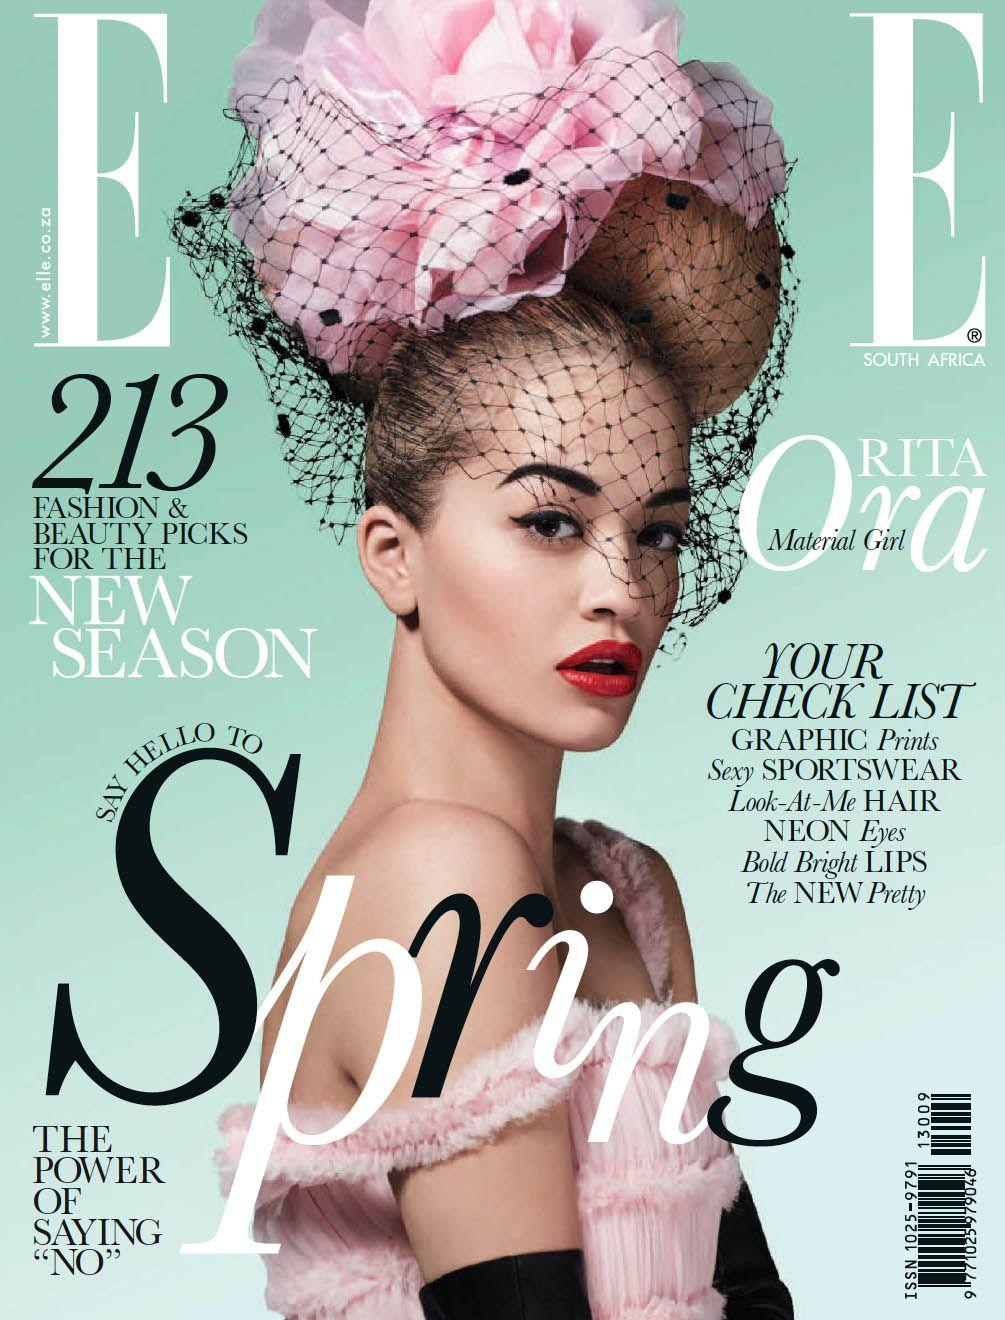 spring magazine cover - Google Search  Rita ora, Rita, Love magazine